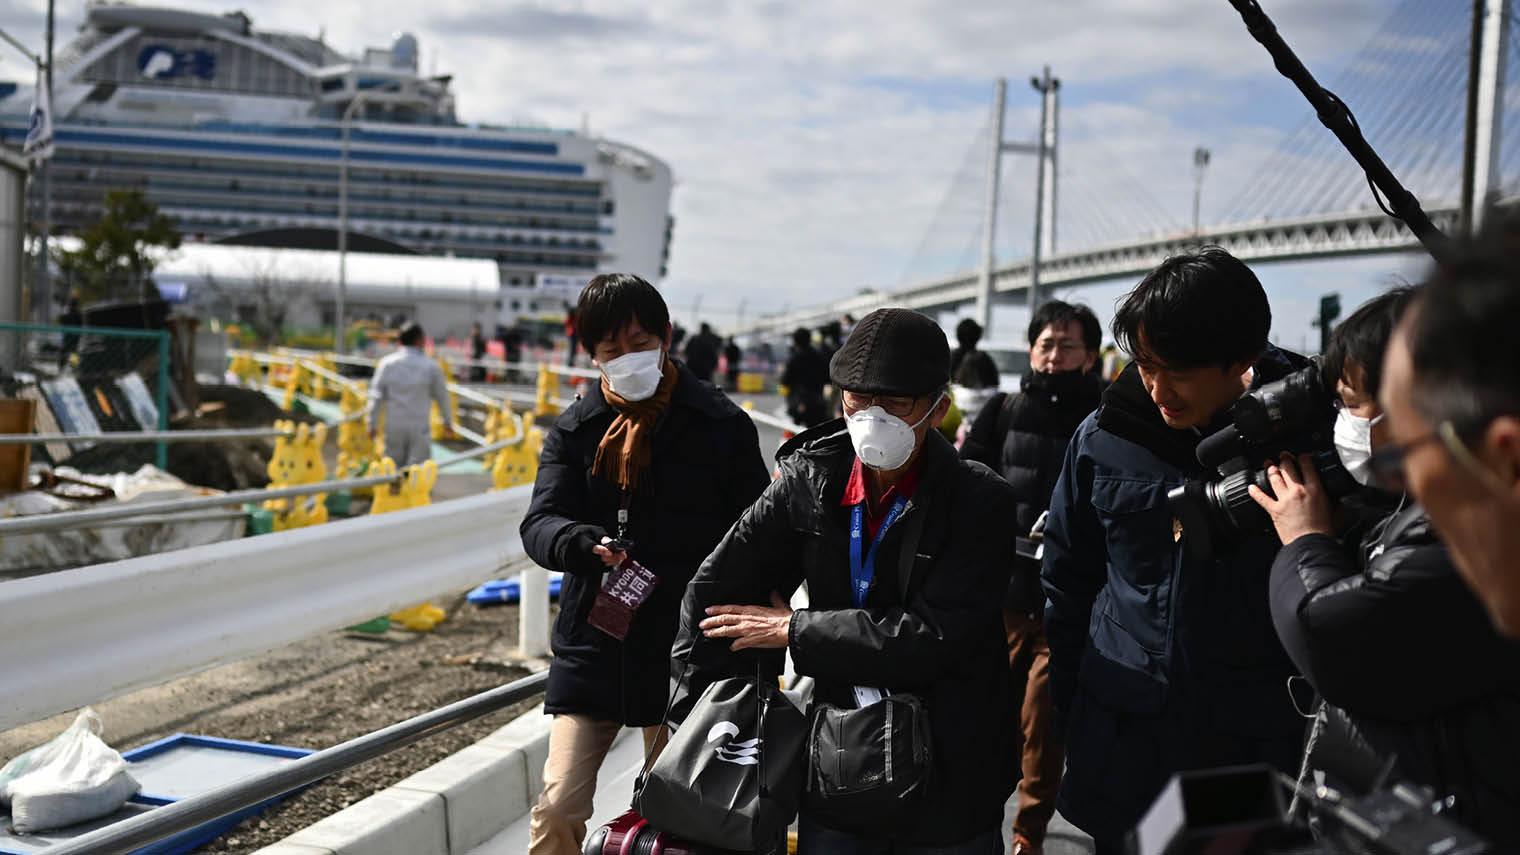 Coronavirus passengers leaving cruise